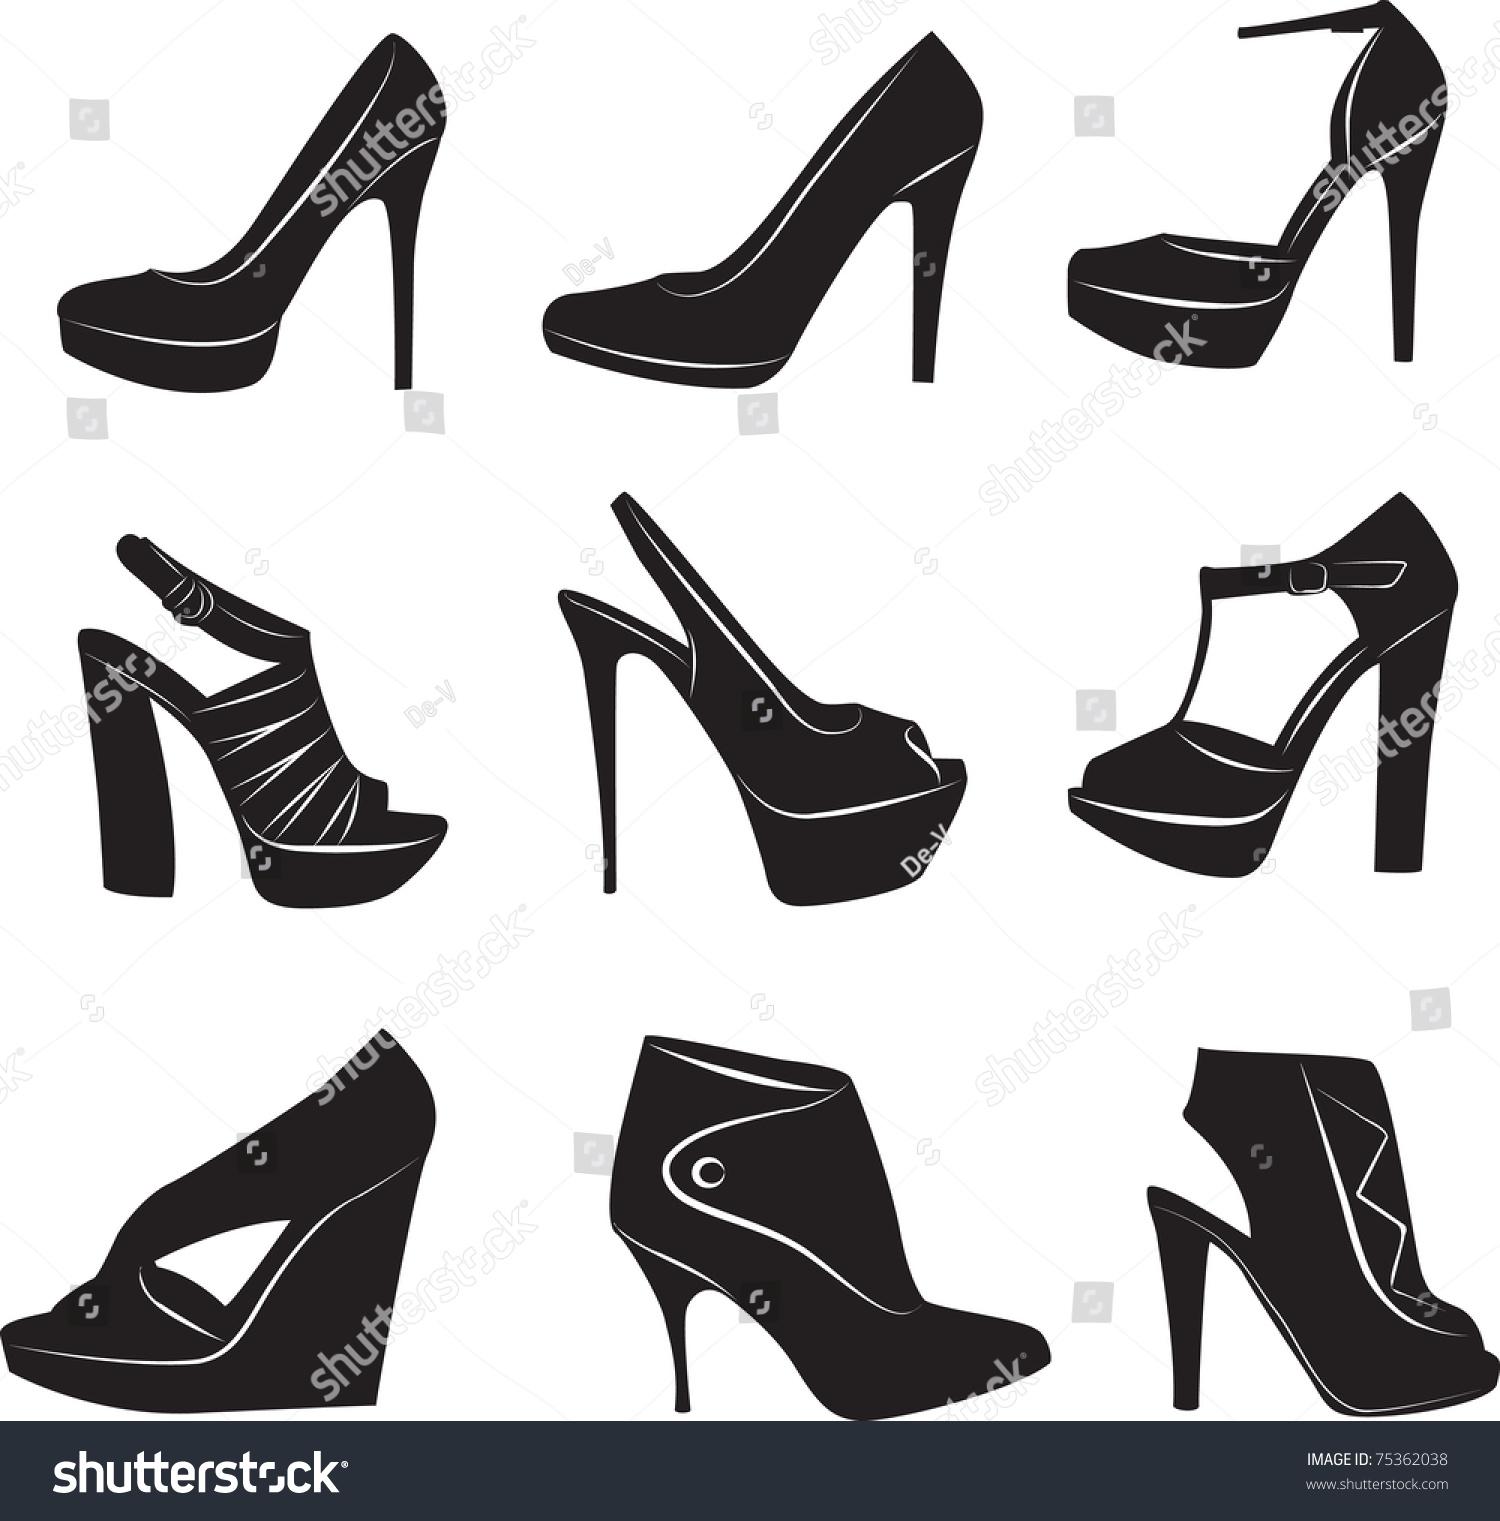 高跟 高跟鞋 女鞋 设计 矢量 矢量图 素材 鞋 鞋子 1500_1521